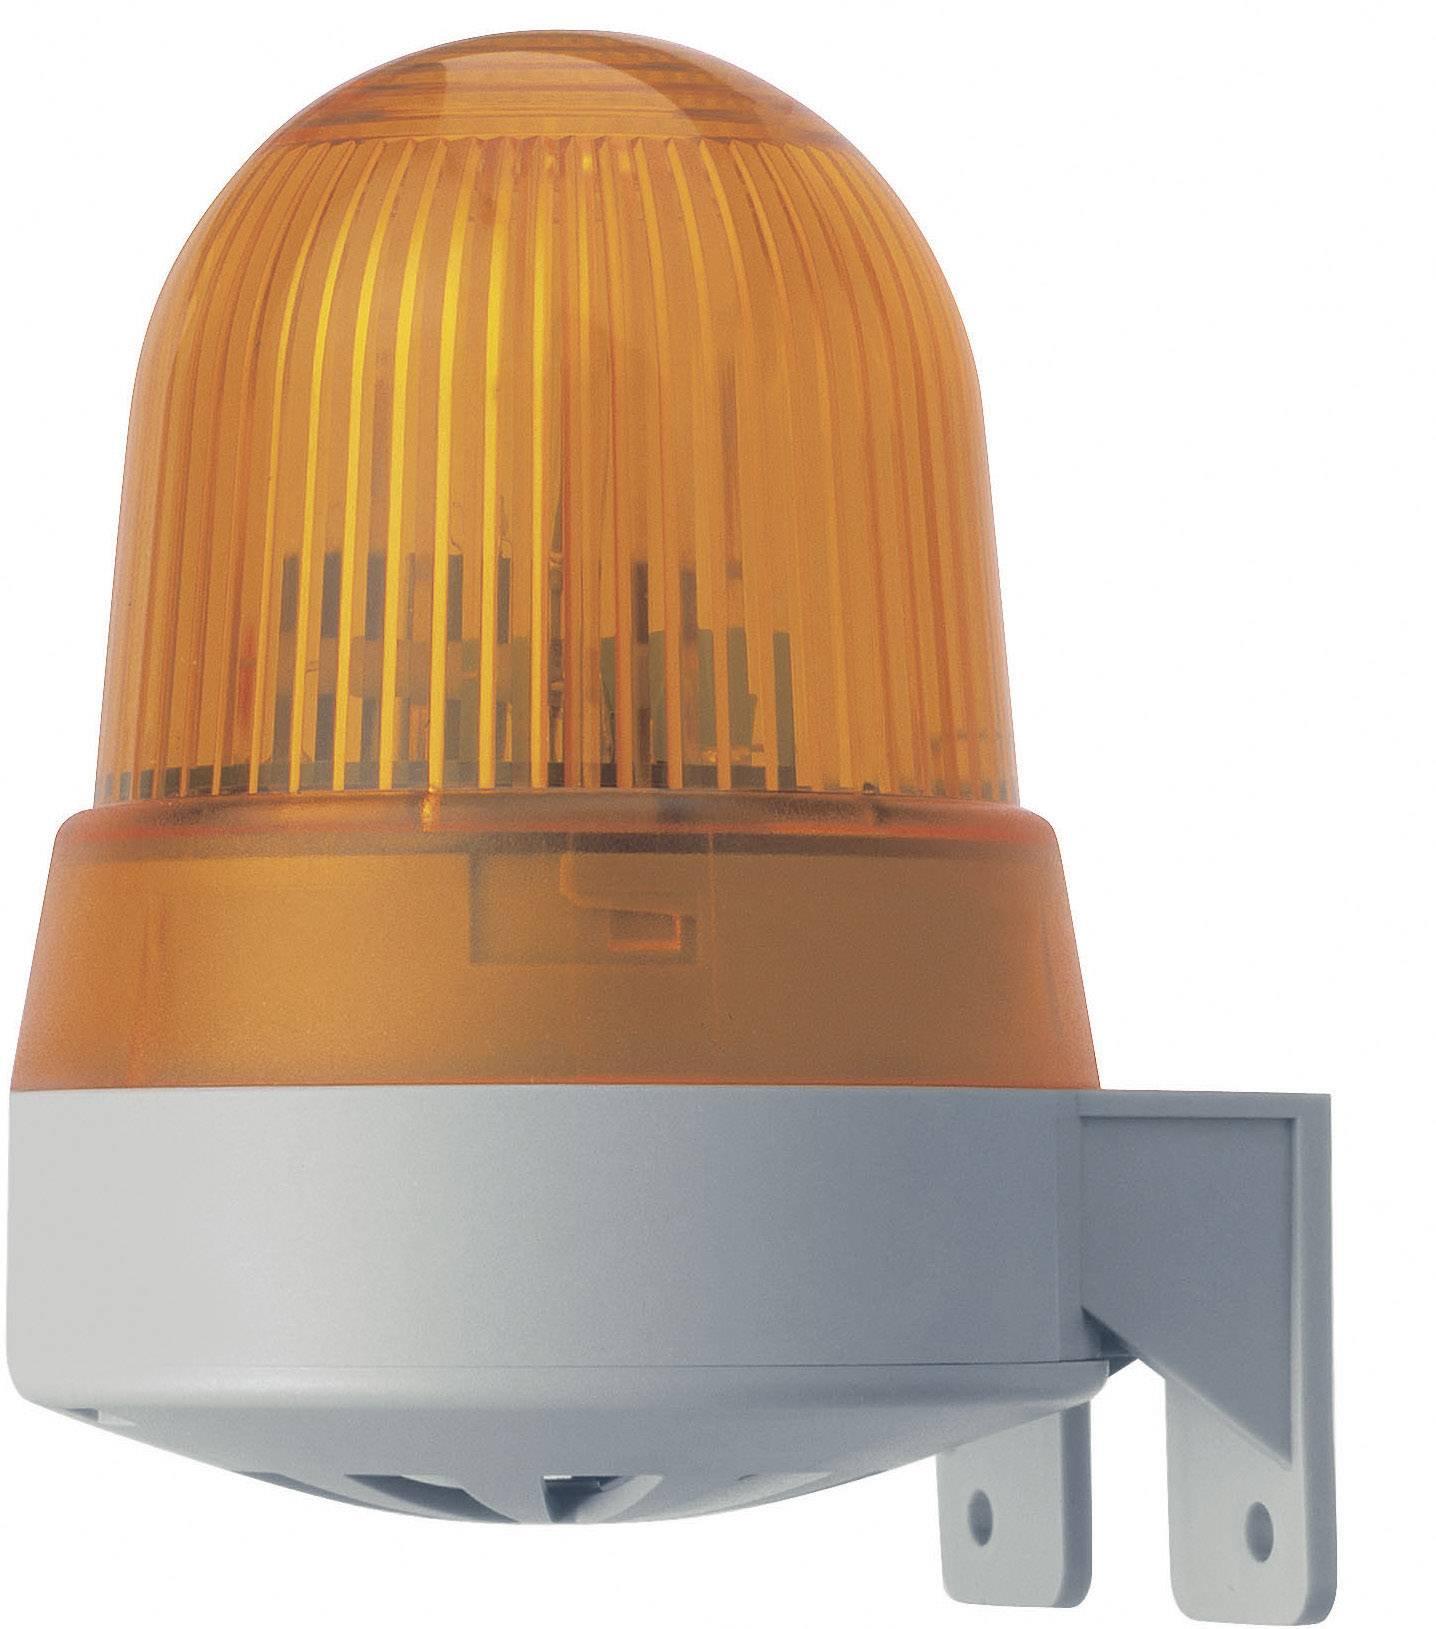 Signalizačný bzučiak LED Werma Signaltechnik 422.310.75, 92 dB, 24 V/AC, 24 V/DC, trvalé svetlo, žltá